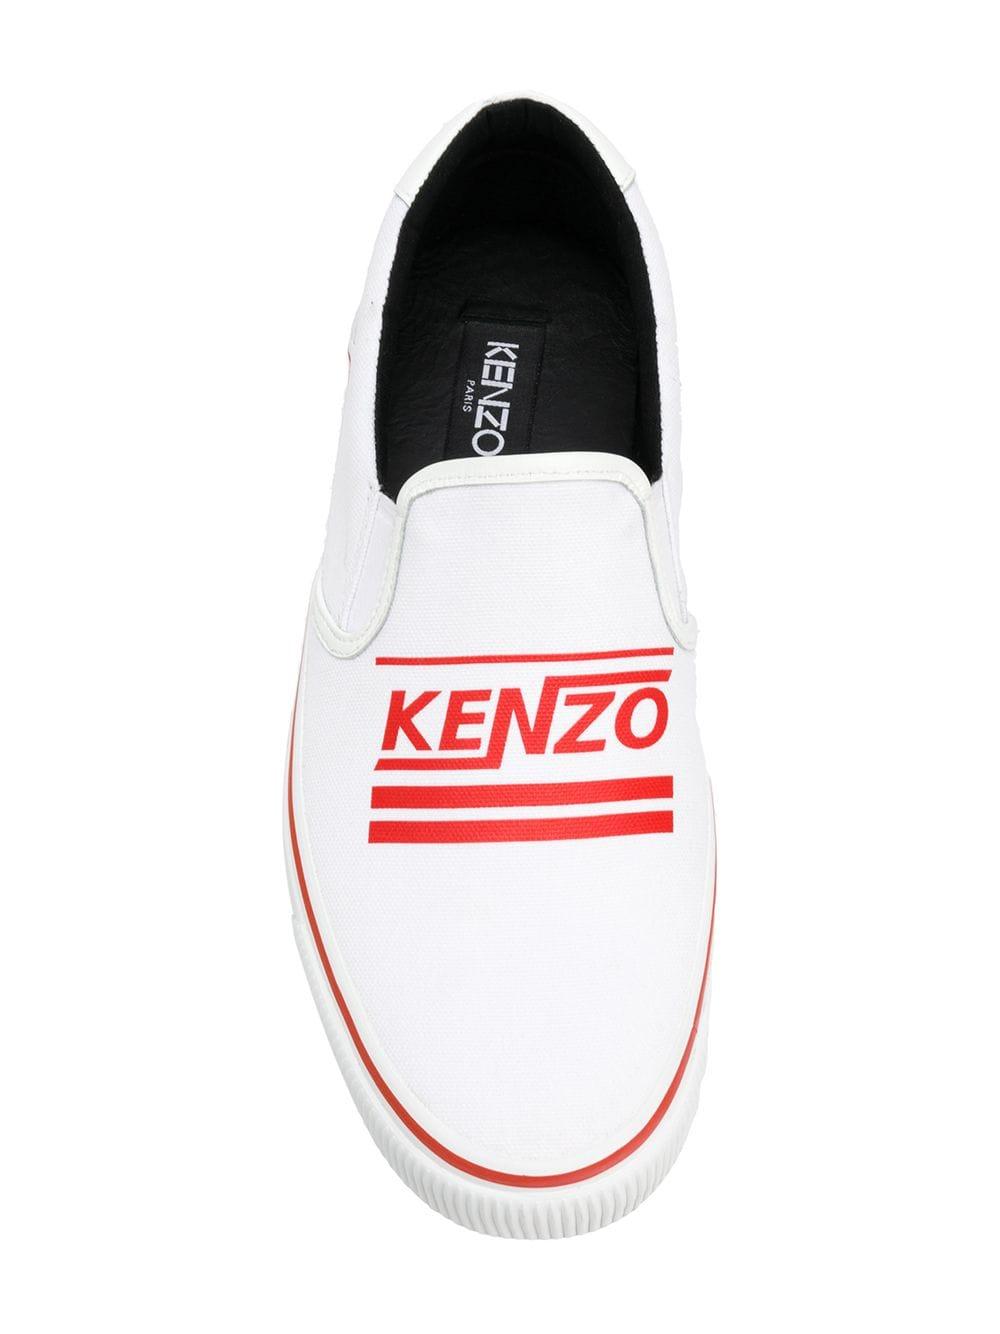 Detalhes sobre KENZO HERREN SCHUHE K SKATE LOGO SLIP ON SNEAKERS F855SN100F76